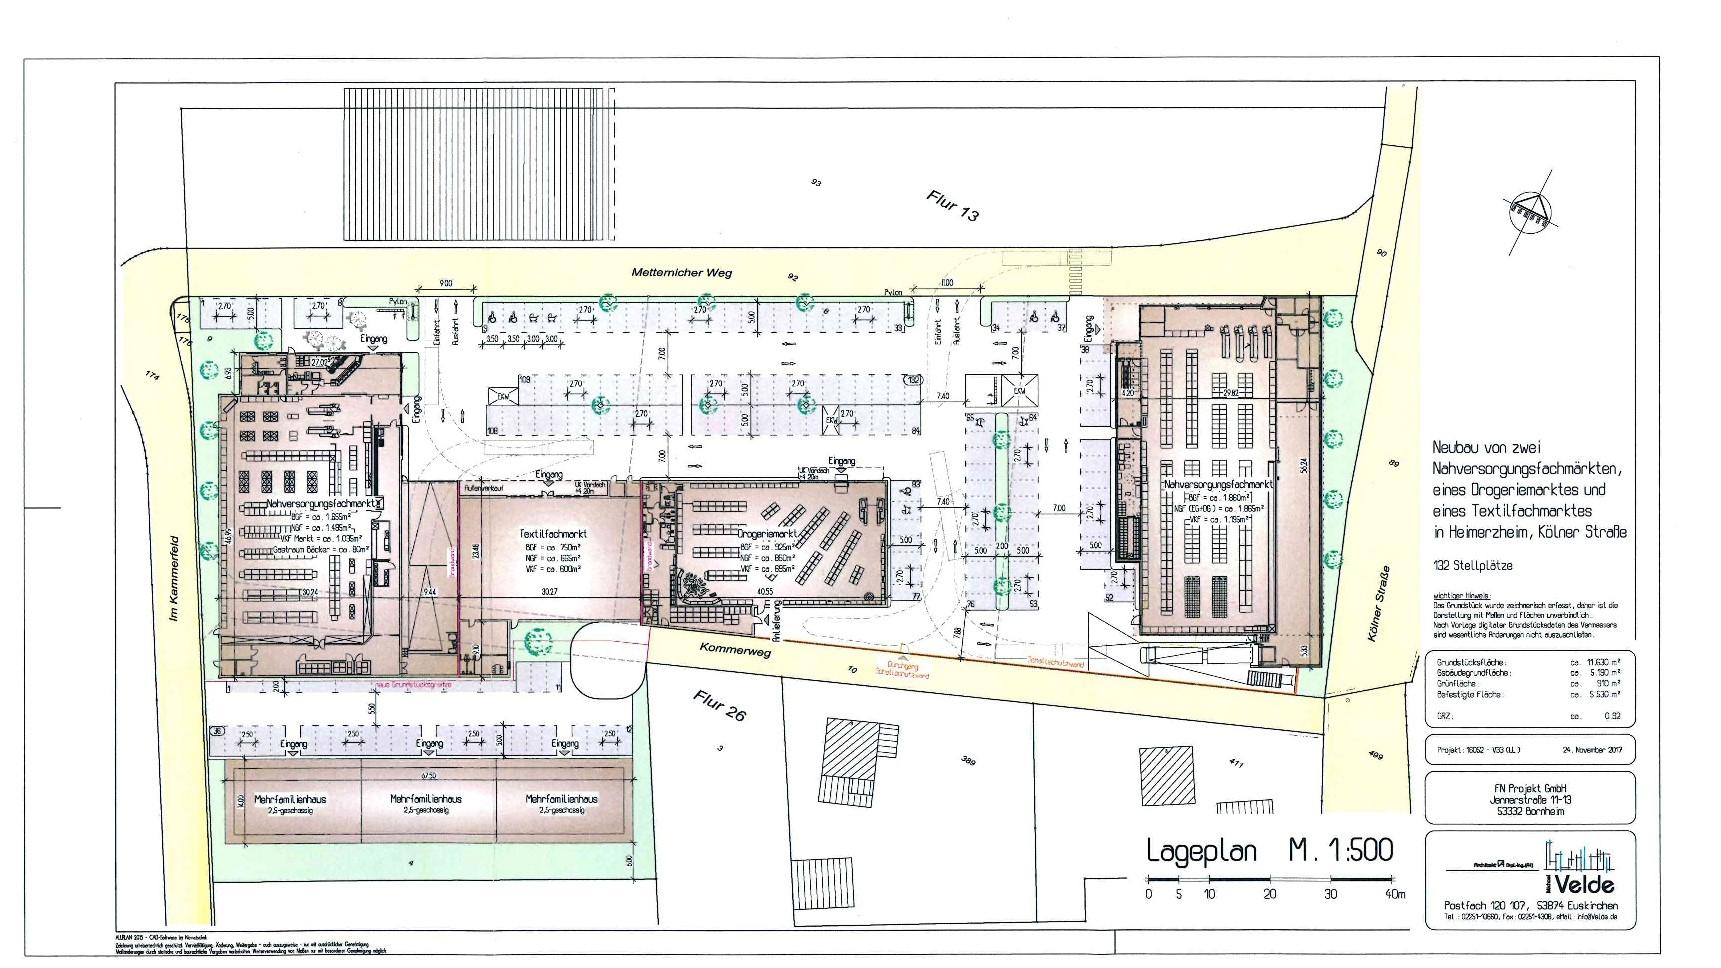 Entwurf - Lageplan zum Neubau von zwei Nahversorgungsfachmärkten...